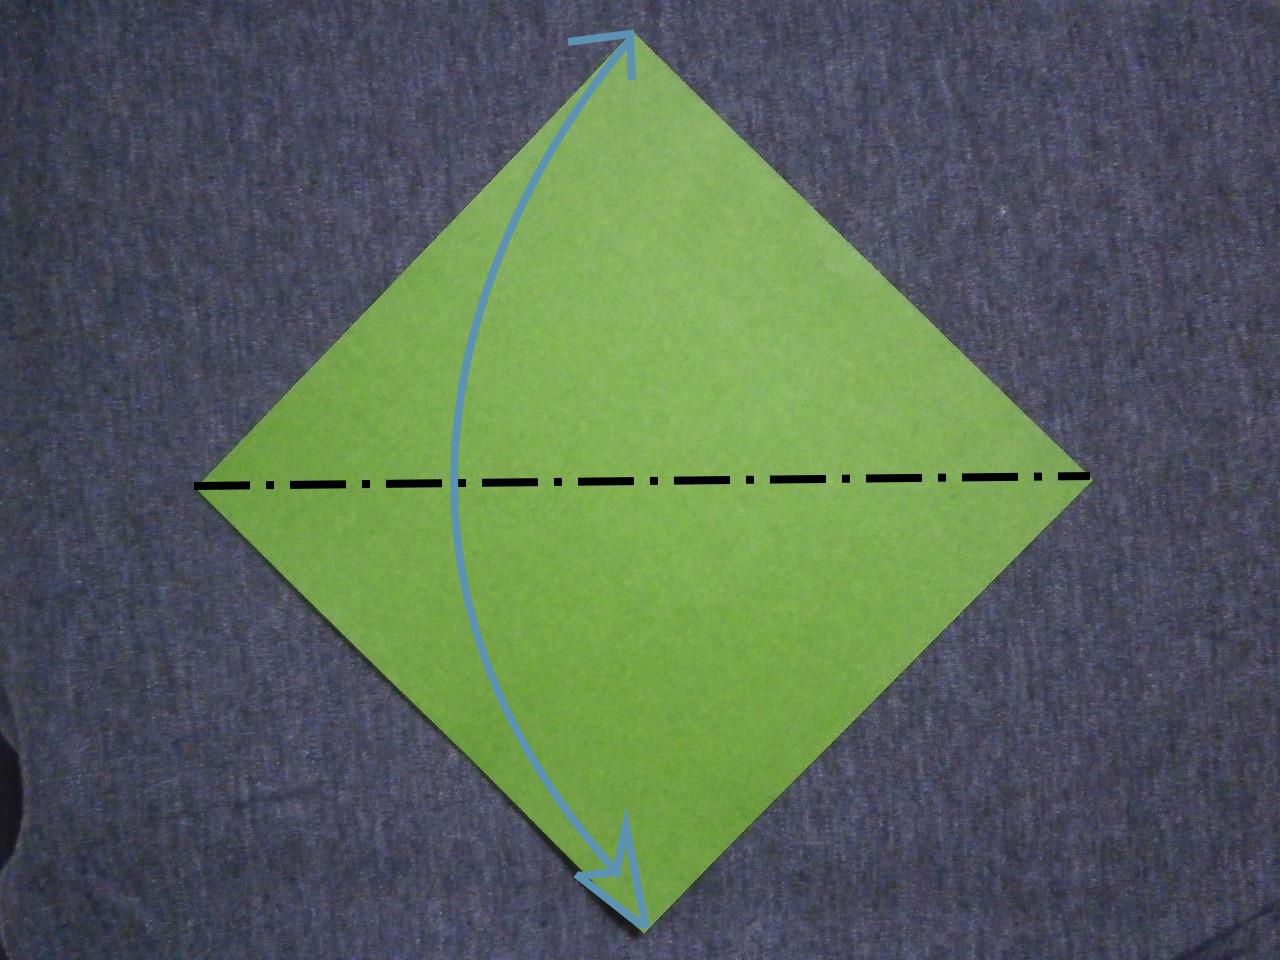 KATAKOTO ORIGAMI: How to fold an origami snake - photo#14